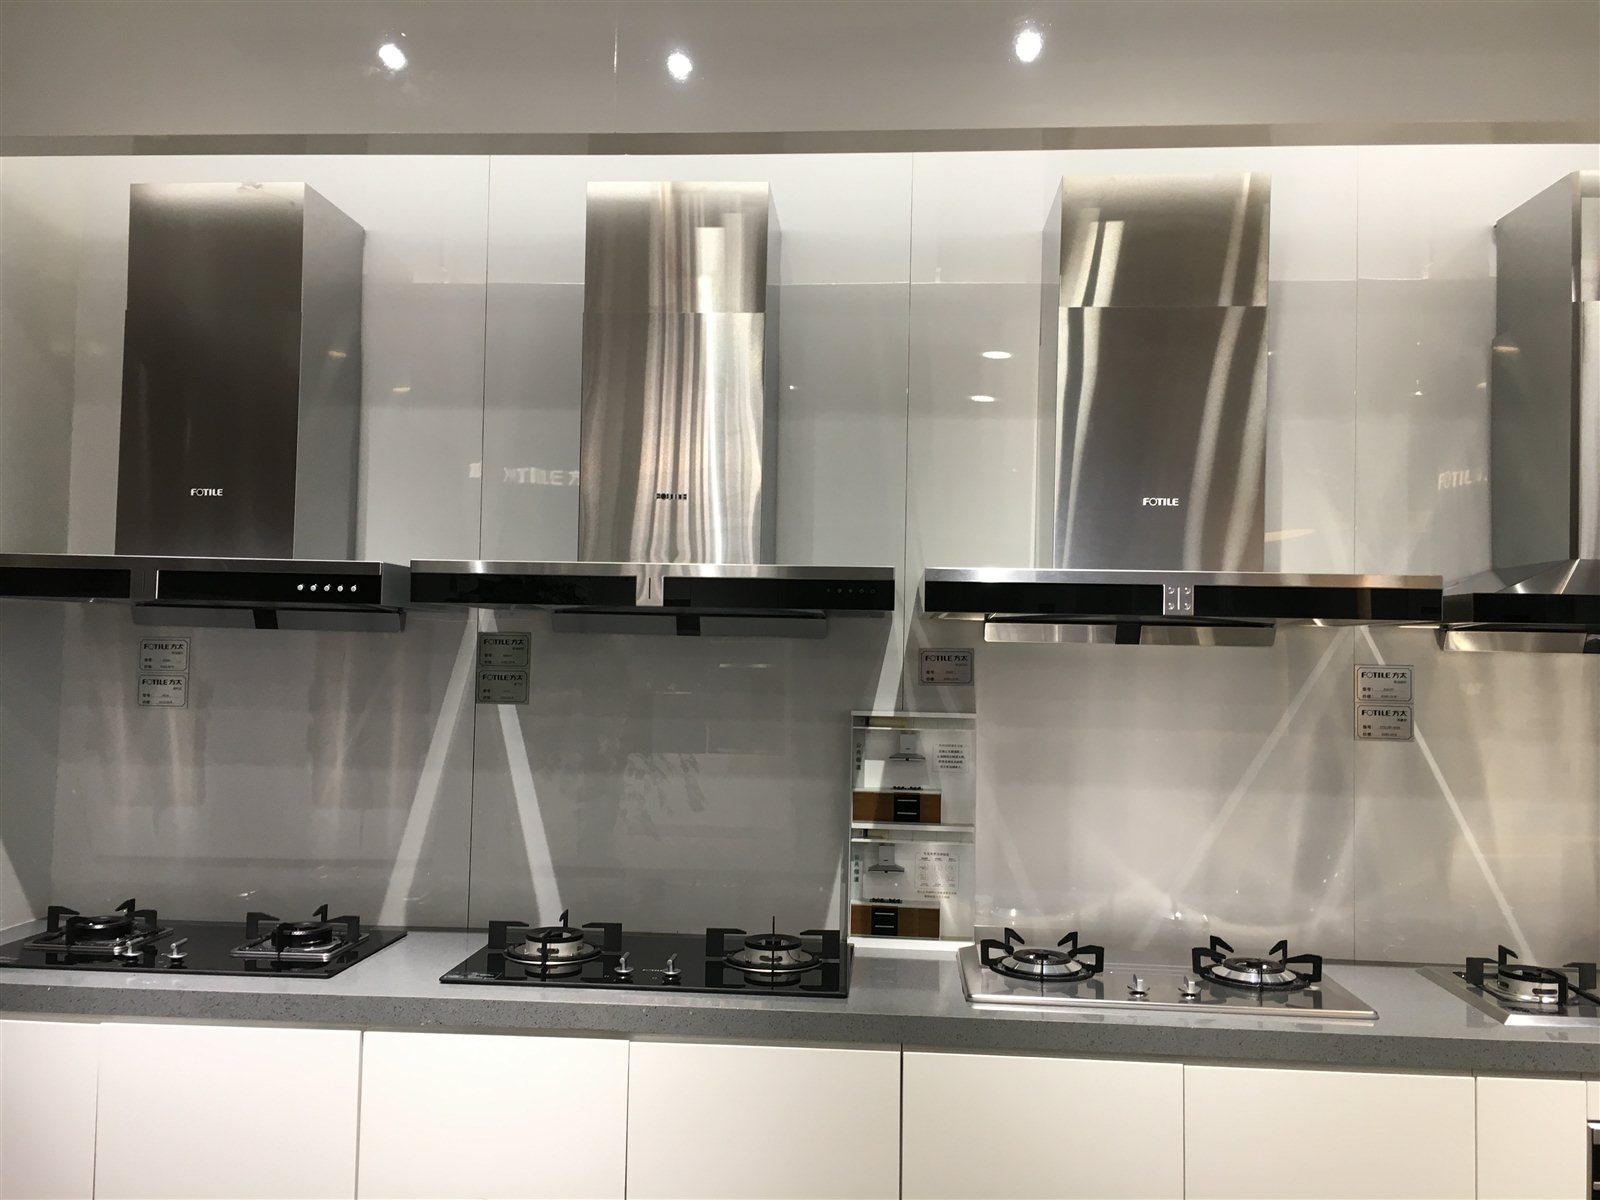 宁波方太厨具有限公司(简称方太)创建于1996年。十八年来始终专注于高端嵌入式厨房电器的研发和制造,致力于为追求高品质生活的人们提供具有设计领先、人性化厨房科技和可靠品质的高端嵌入式厨房电器产品,倡导健康环保的生活方式,让千万家庭享受更加幸福的居家生活。2014年,方太获得万科集团年度A级供应商荣誉。